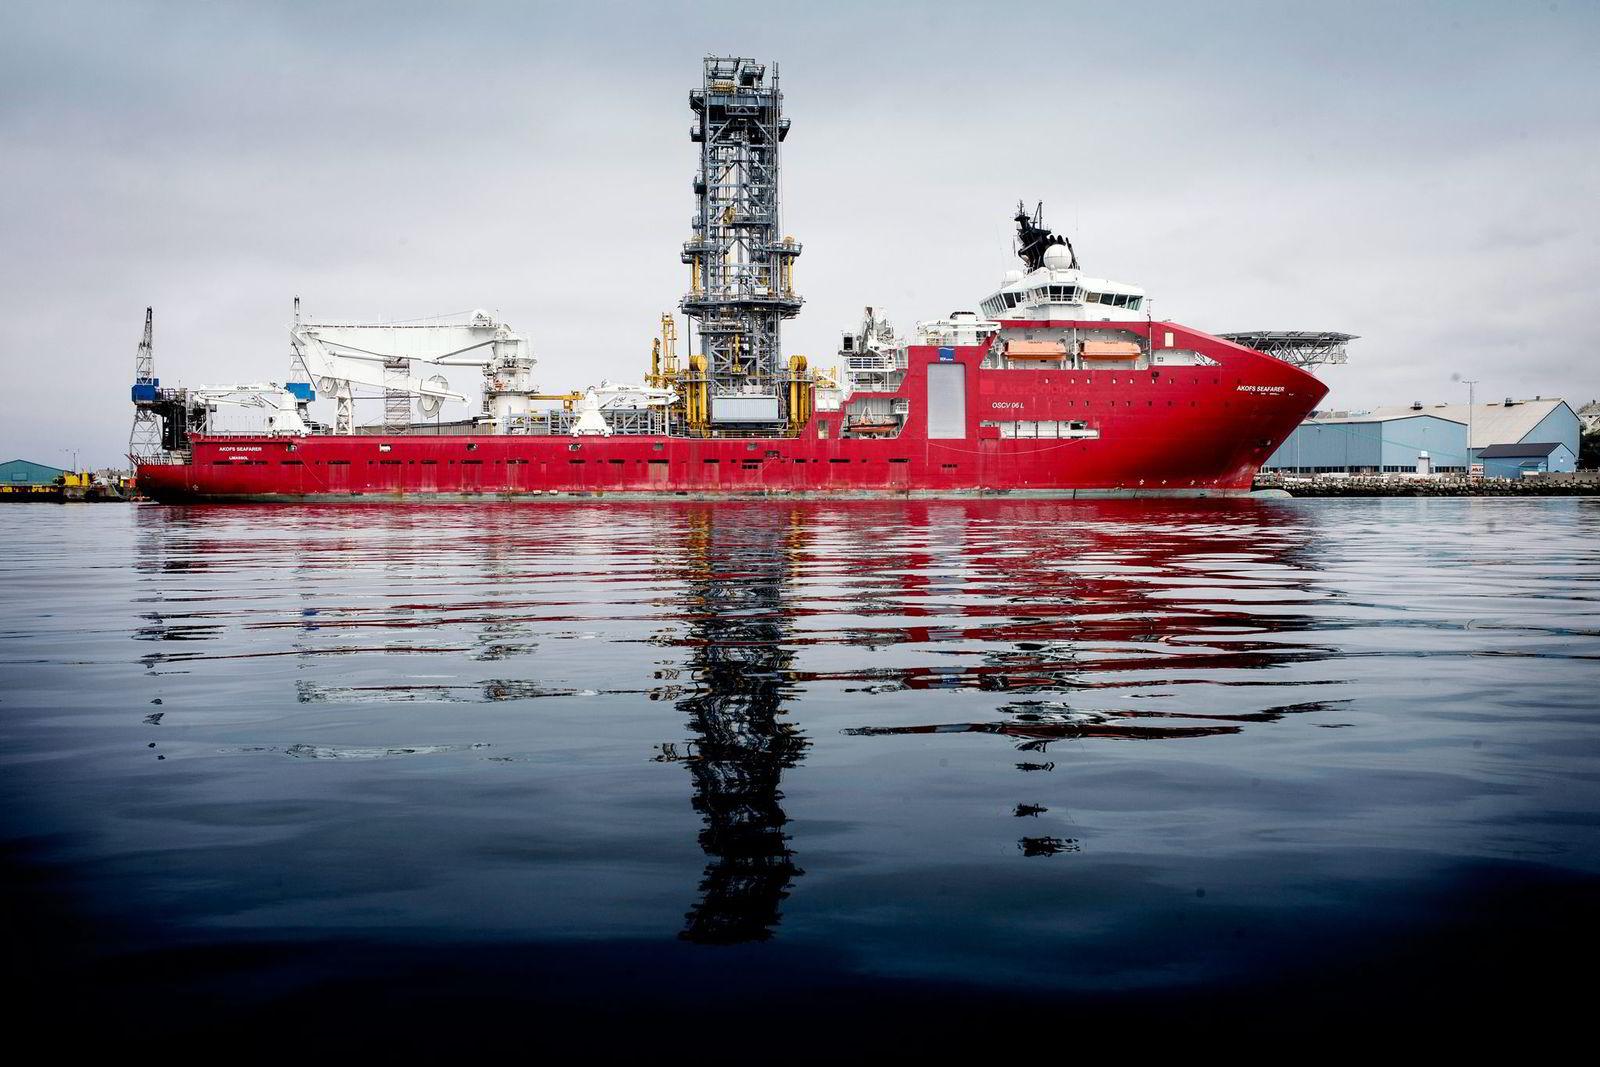 156,9 meter lange «Akofs Seafarer» ligger i Karmsundet ved innseilingen til Haugesund.